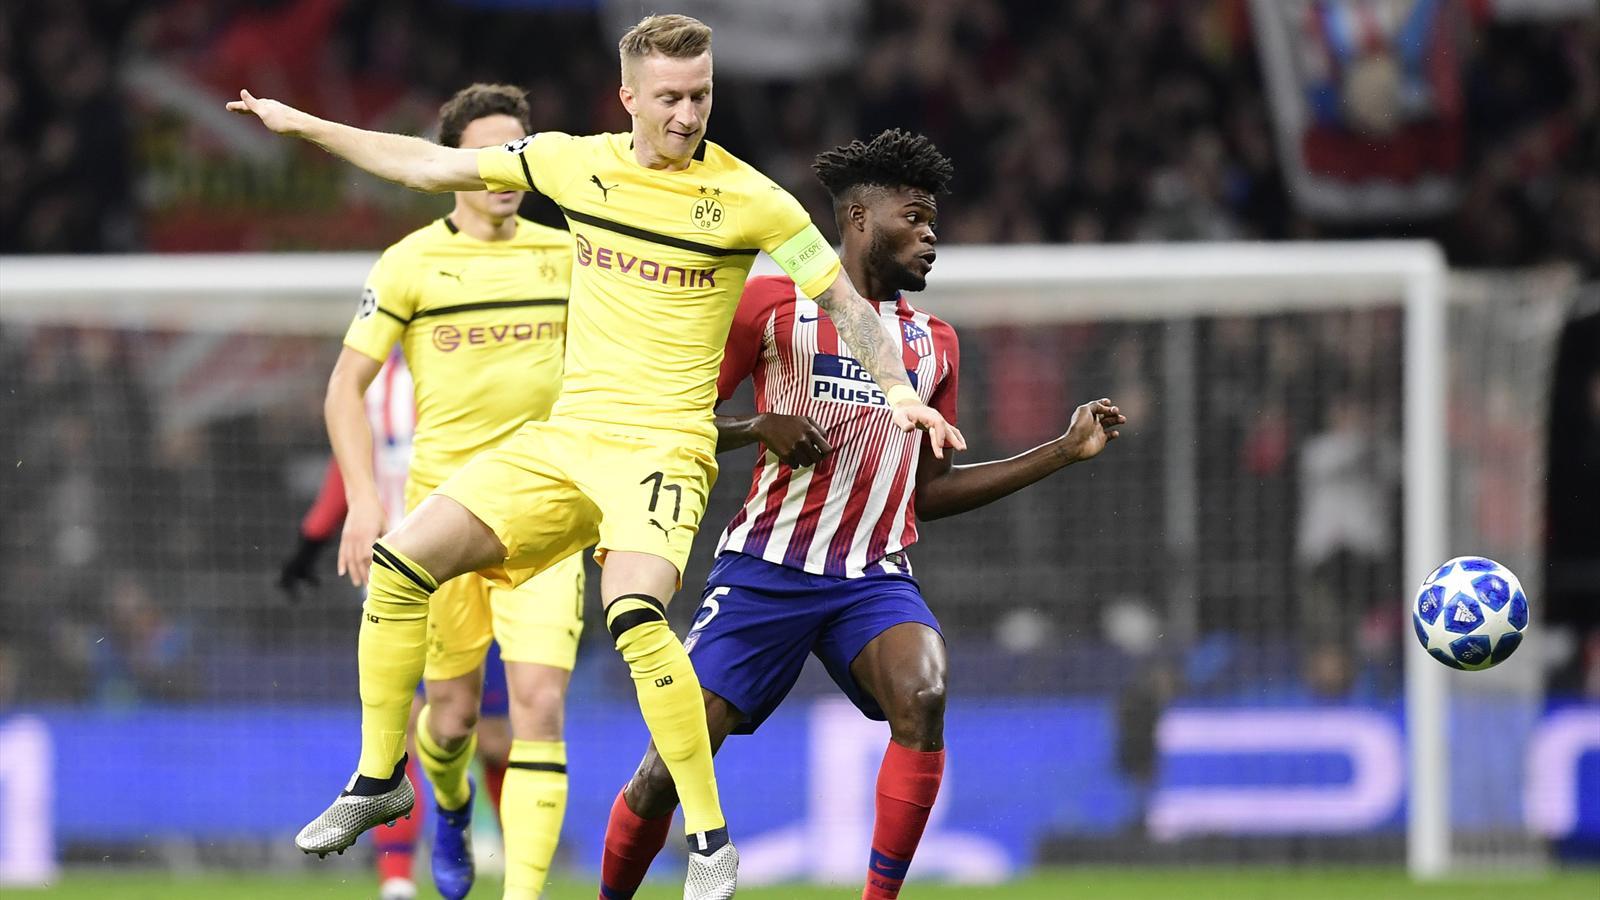 Video Borussia Dortmund Patzt Bei Atlético Wieder Auf Dem Boden